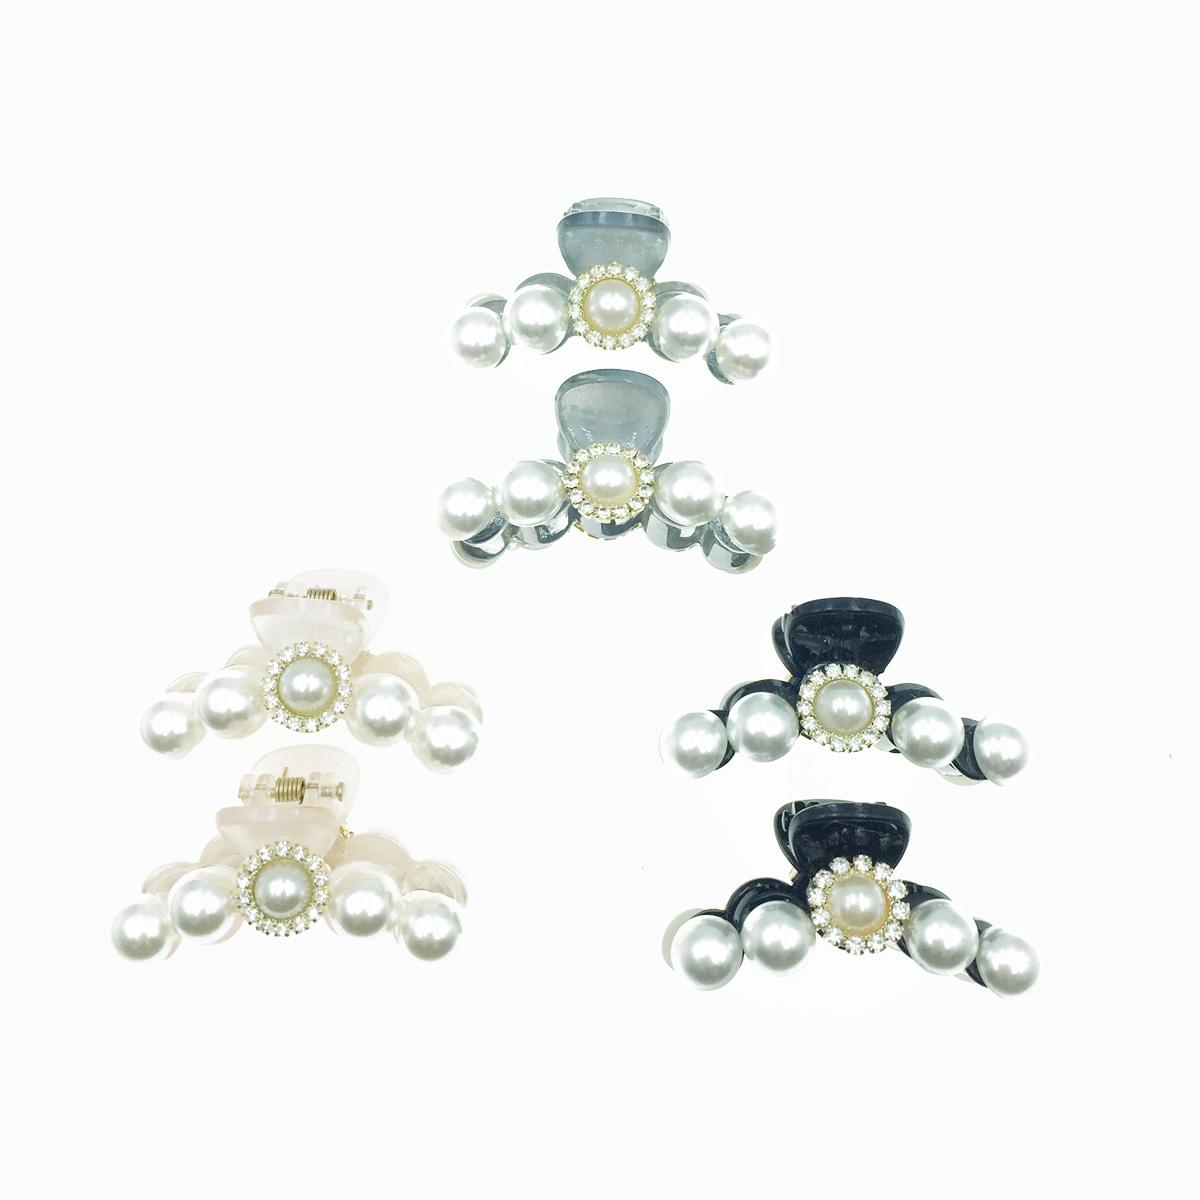 韓國 珍珠造型 水鑽 透明感 兩入組 3色 髮飾 爪夾 髮夾